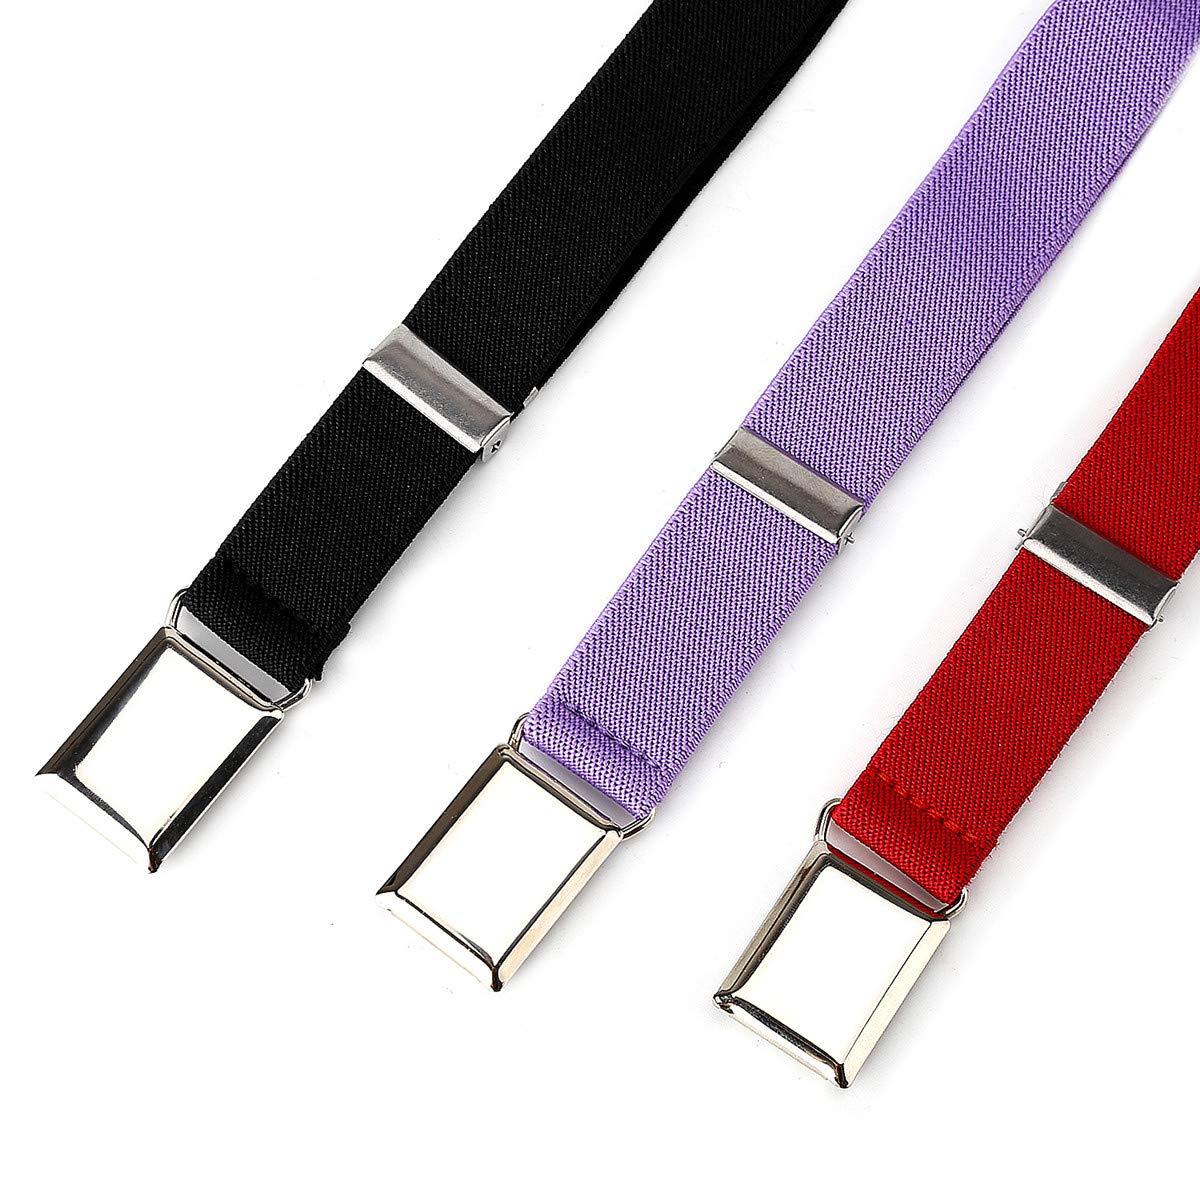 3pcs Adjustable Stretch Child Buckle Belt by Unfad Kids Boys Toddler Elastic Belts